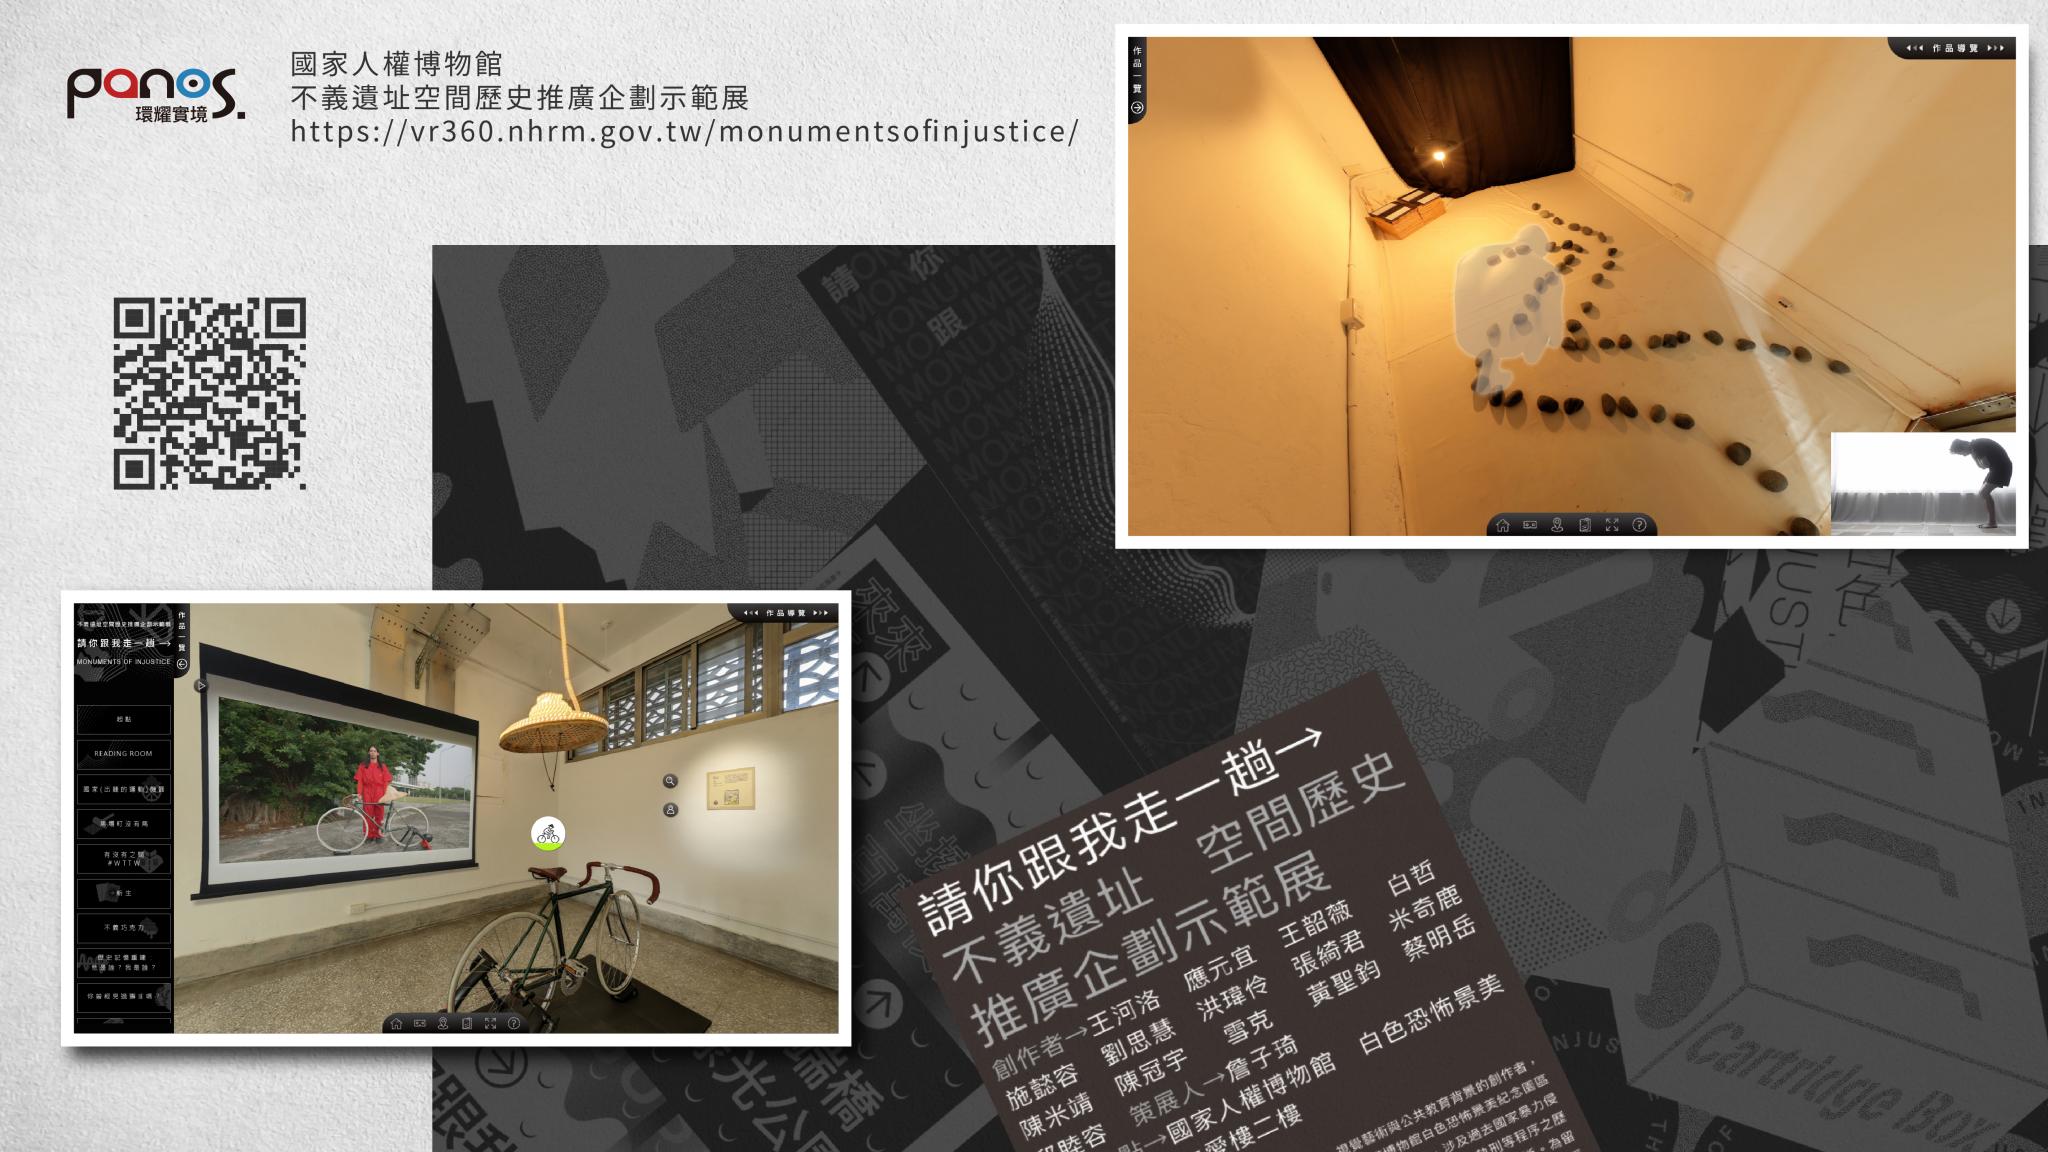 國家人權博物館—不義遺址